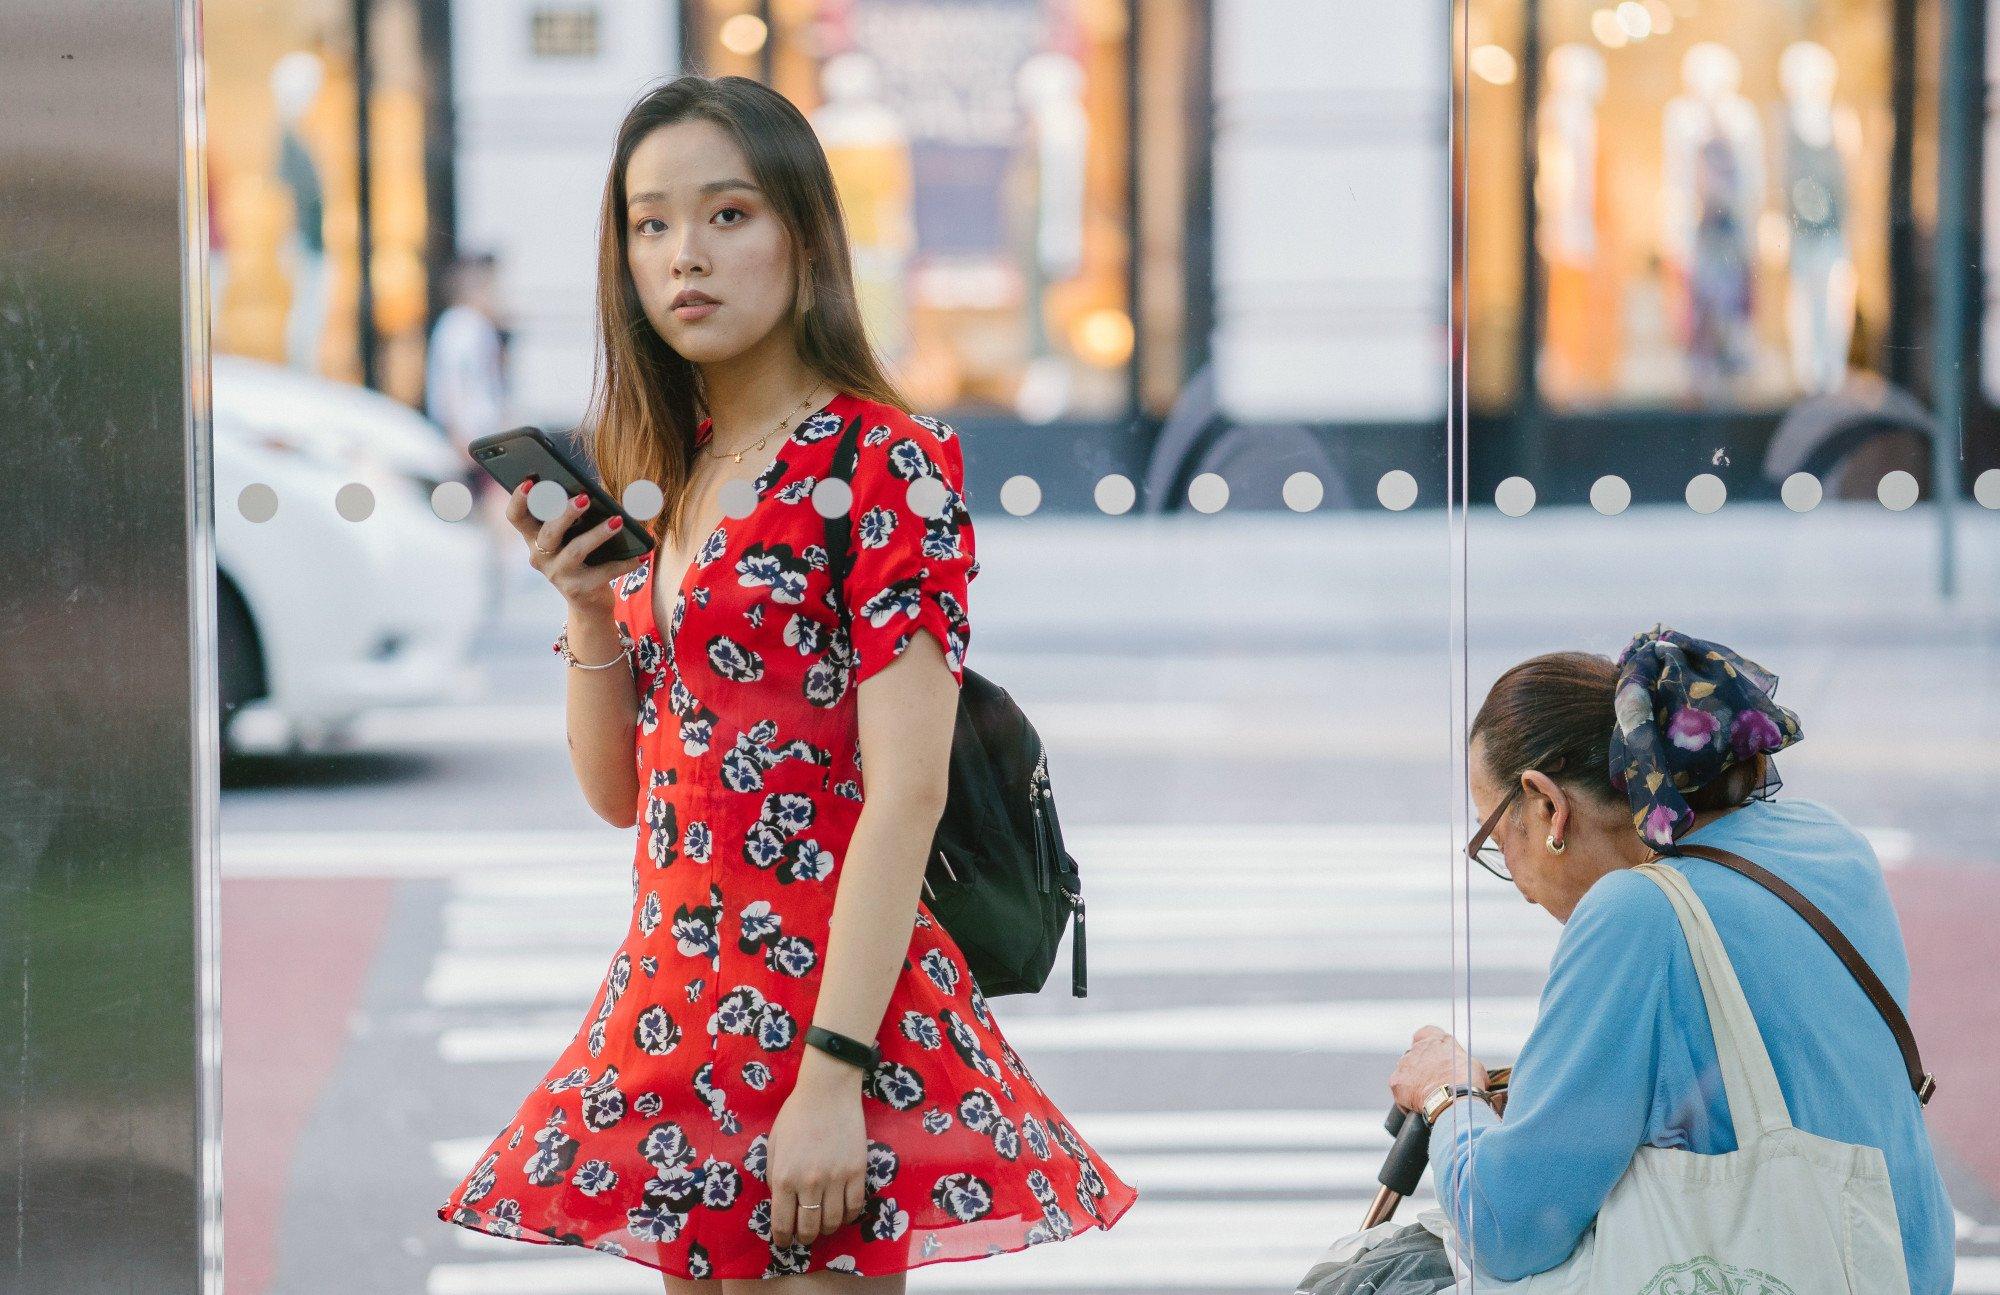 Das Smartphone kann das Warten auf den Bus überbrücken, aber auch den Weg zum nächsten Leih-E-Scooter zeigen (Bild: Pexels/mentatdgt)